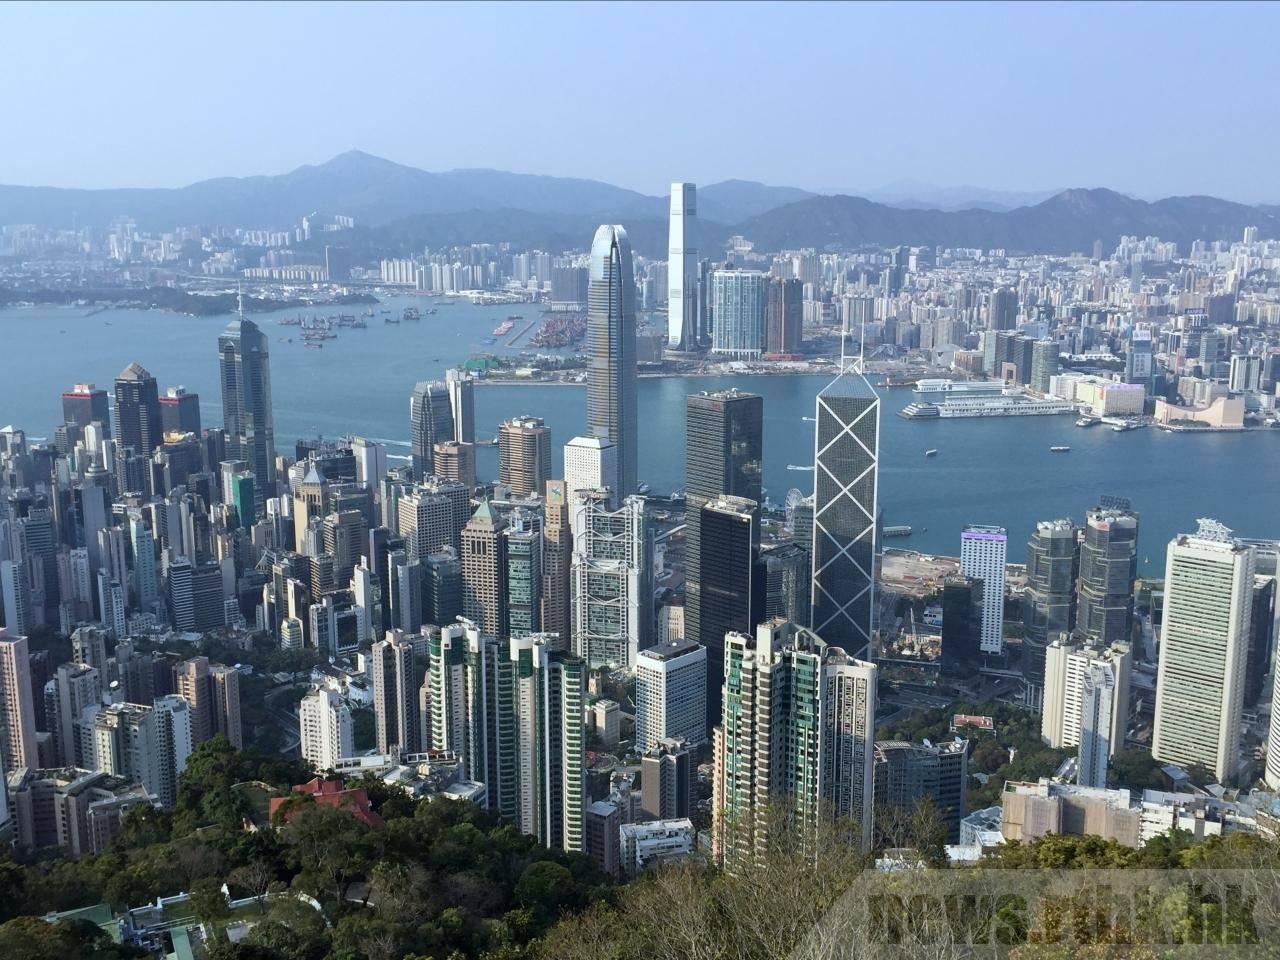 《【杏耀app登录】香港新增118例新冠肺炎病例 连续8日单日新增过百》